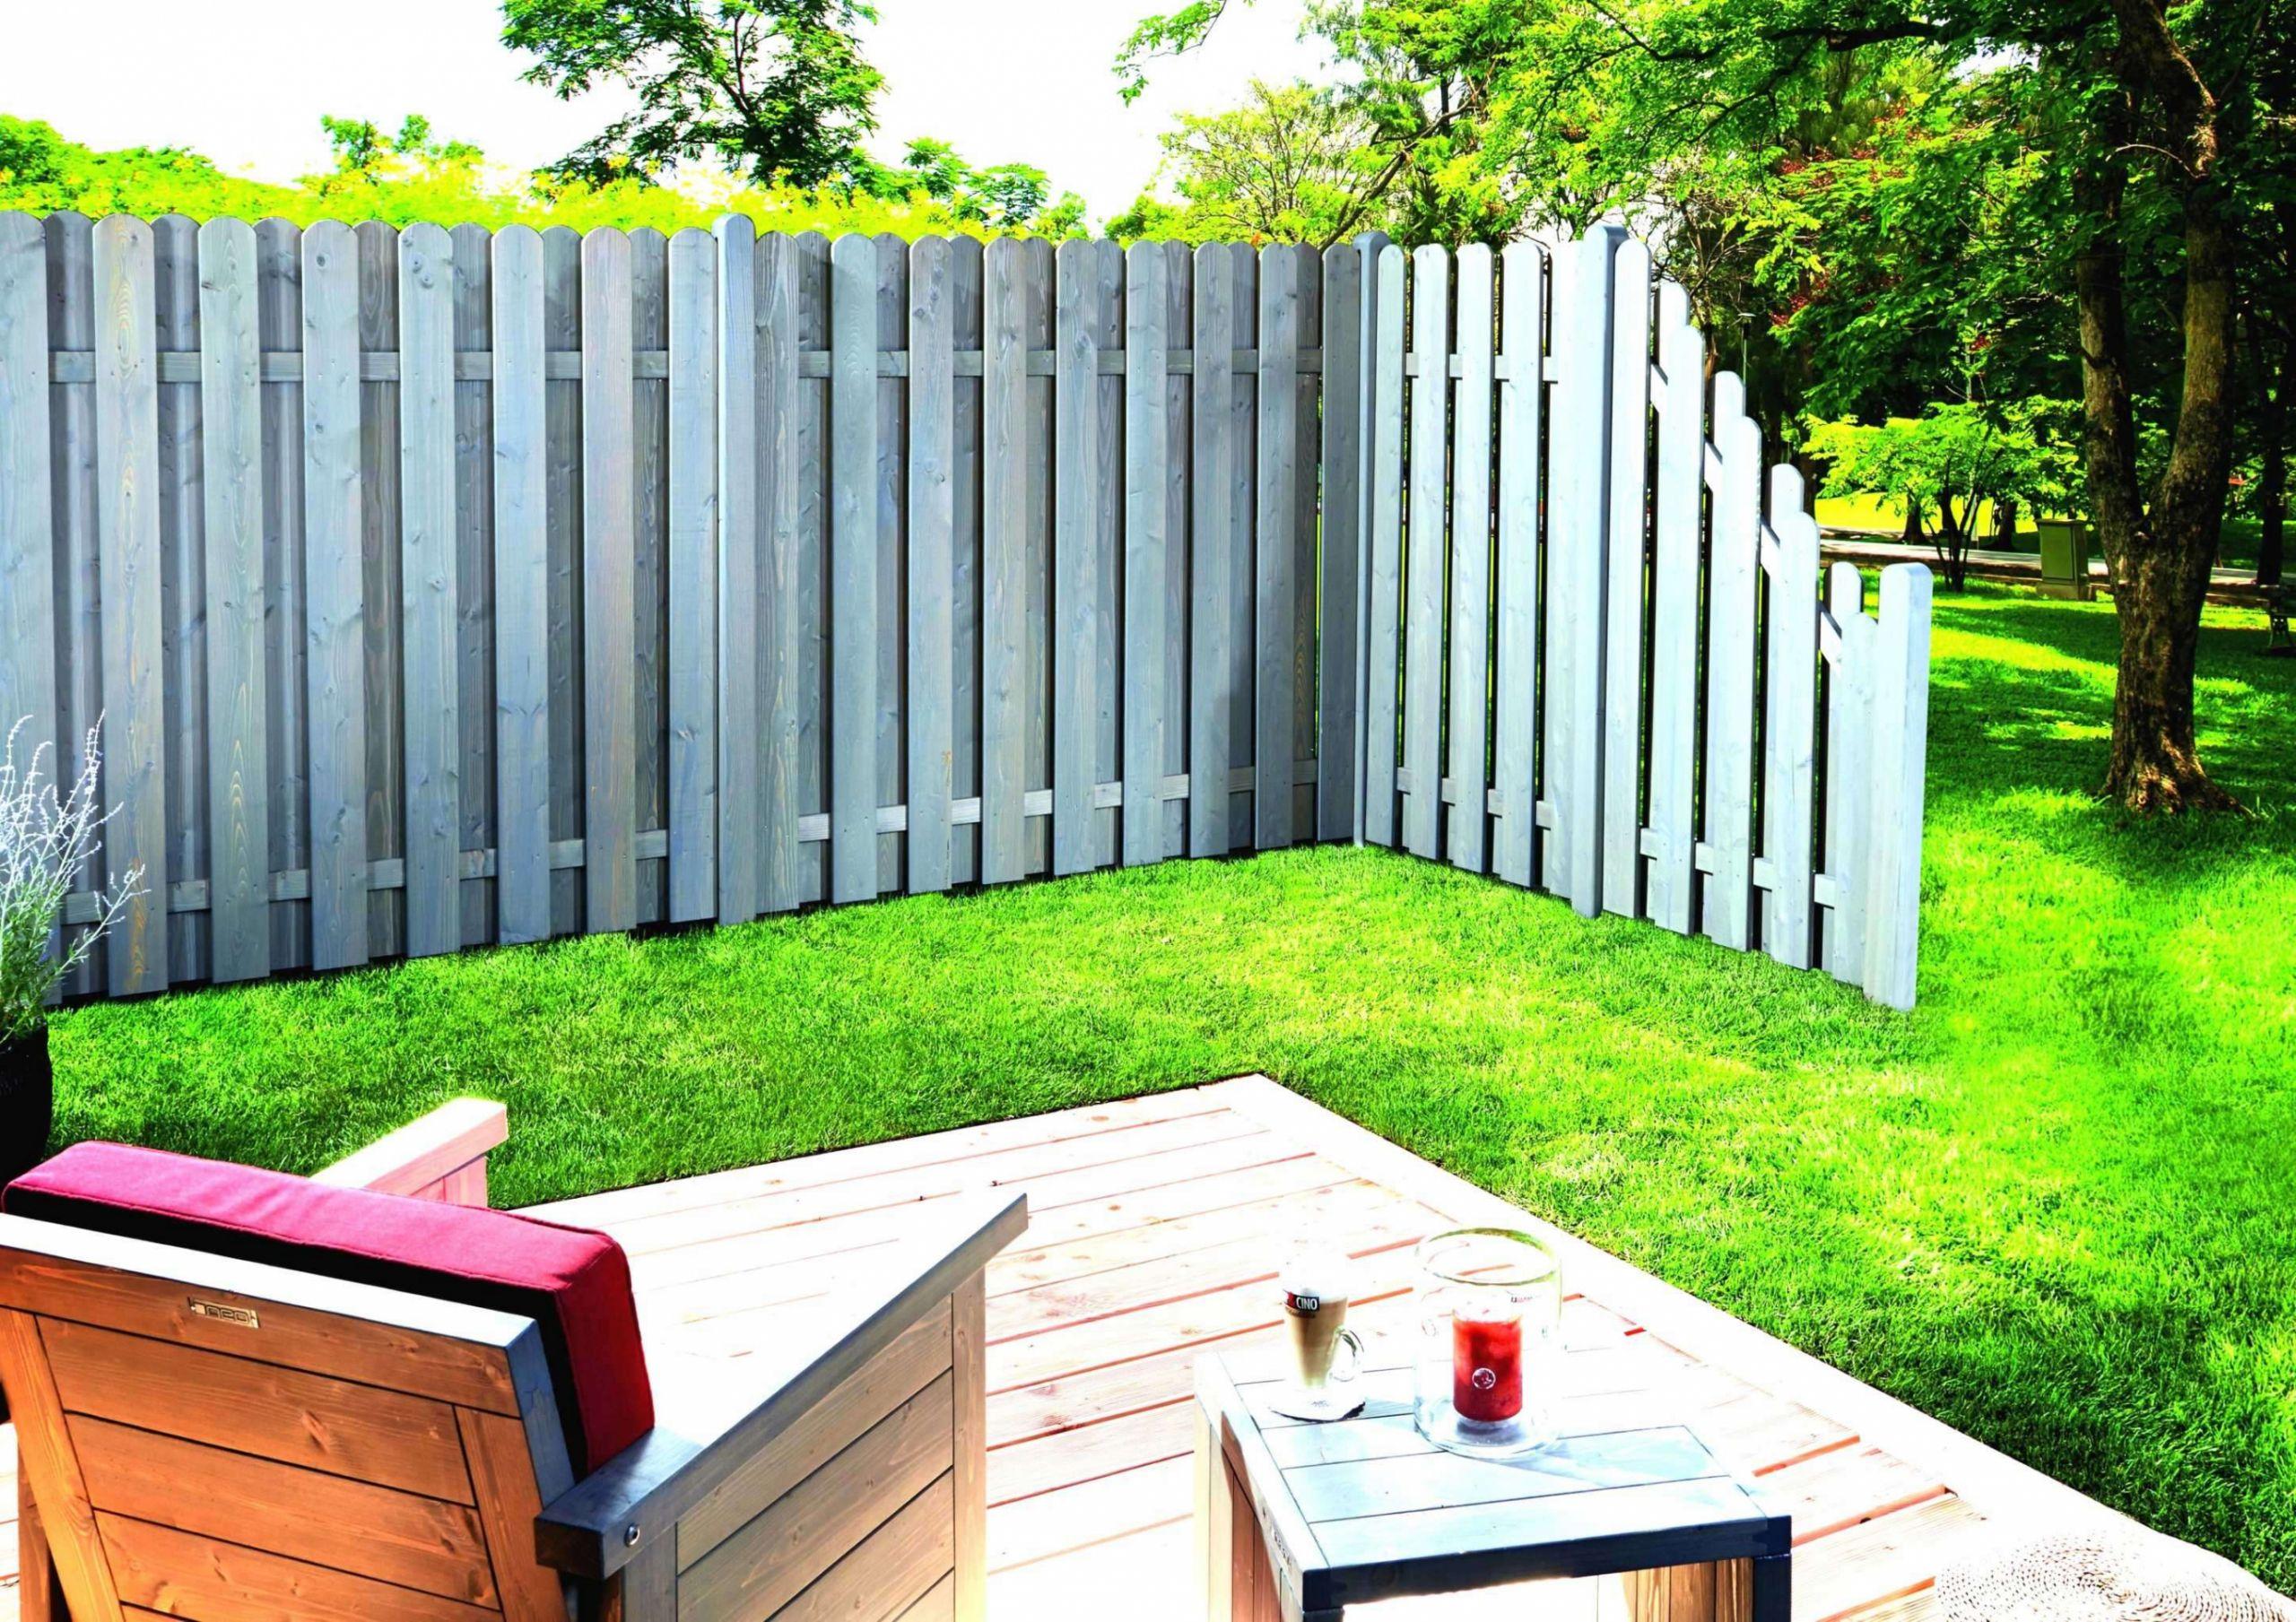 Garten Sichtschutz Holz Schöner Wohnen Schön Pflanzen Als Sichtschutz Im Kübel — Temobardz Home Blog